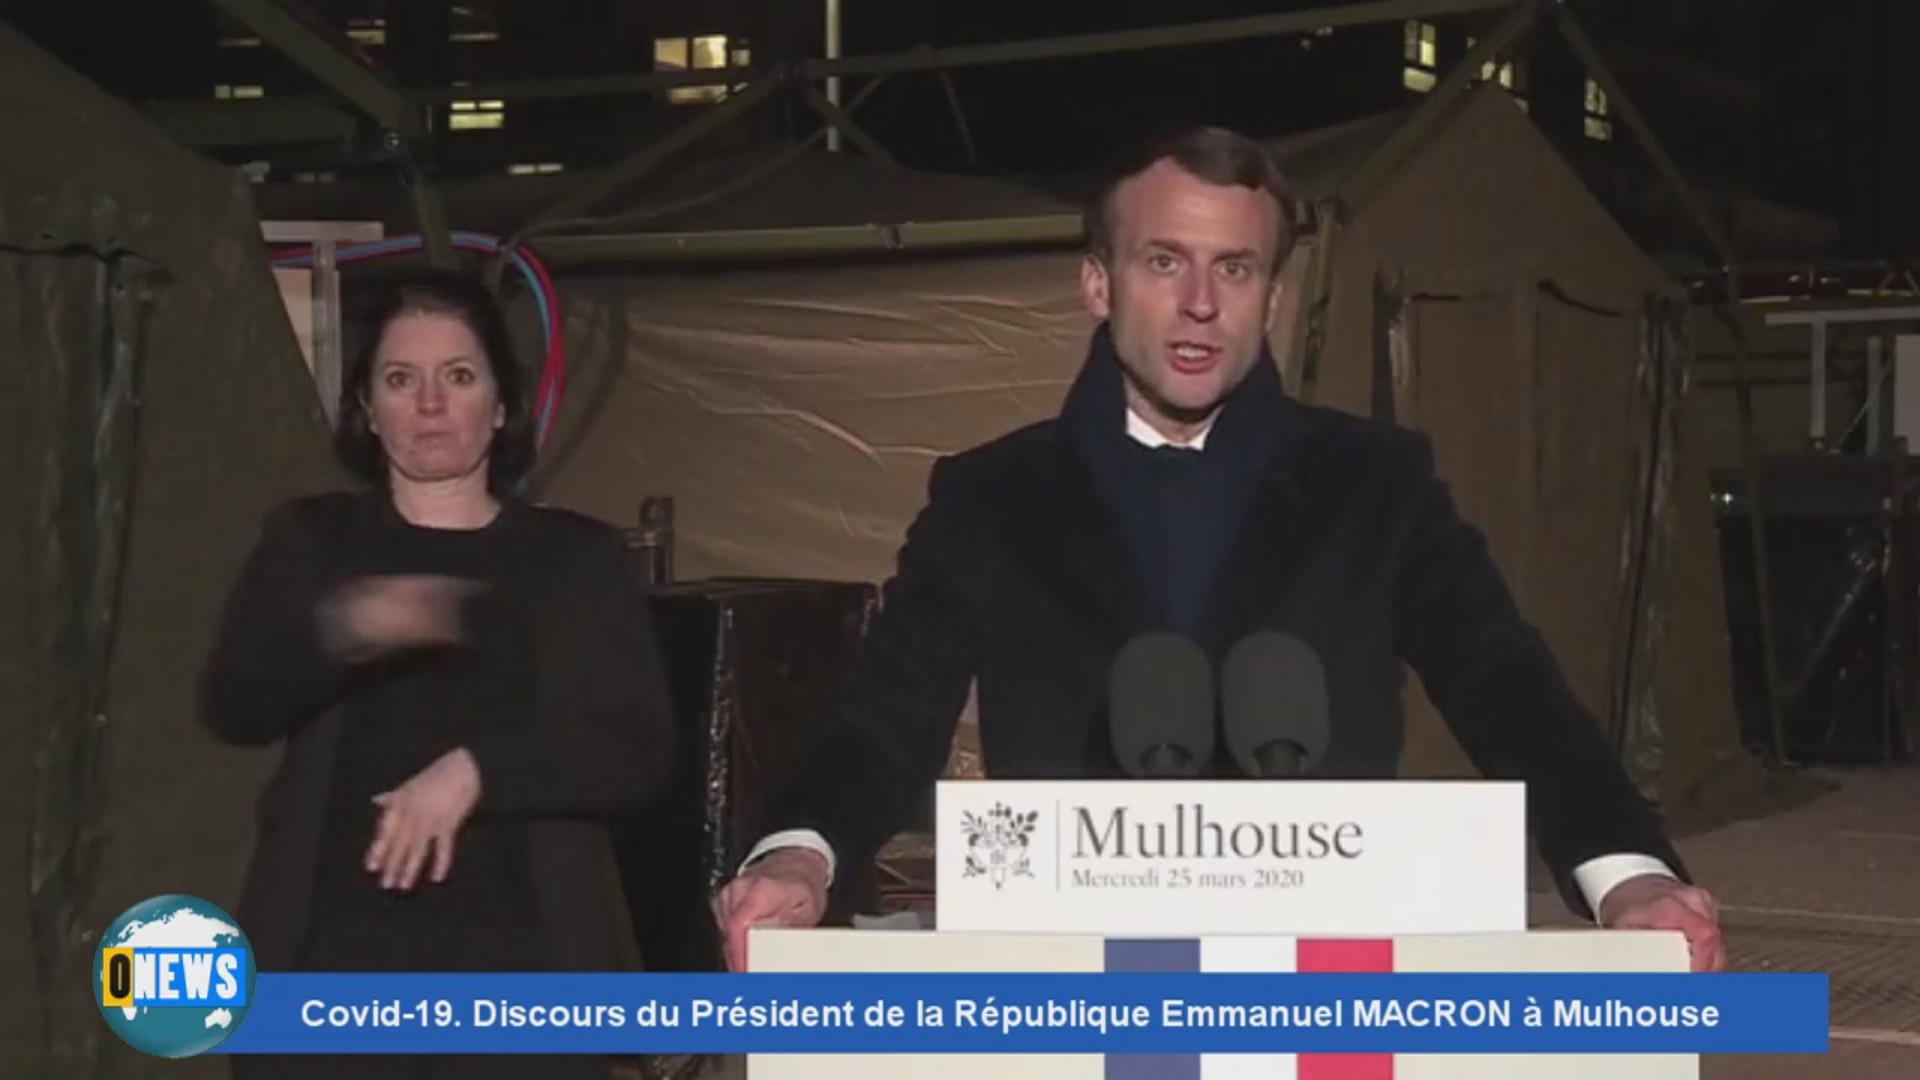 [Vidéo] Covid 19.Discours du Président de la République à Mulhouse ce mercredi 25 mars